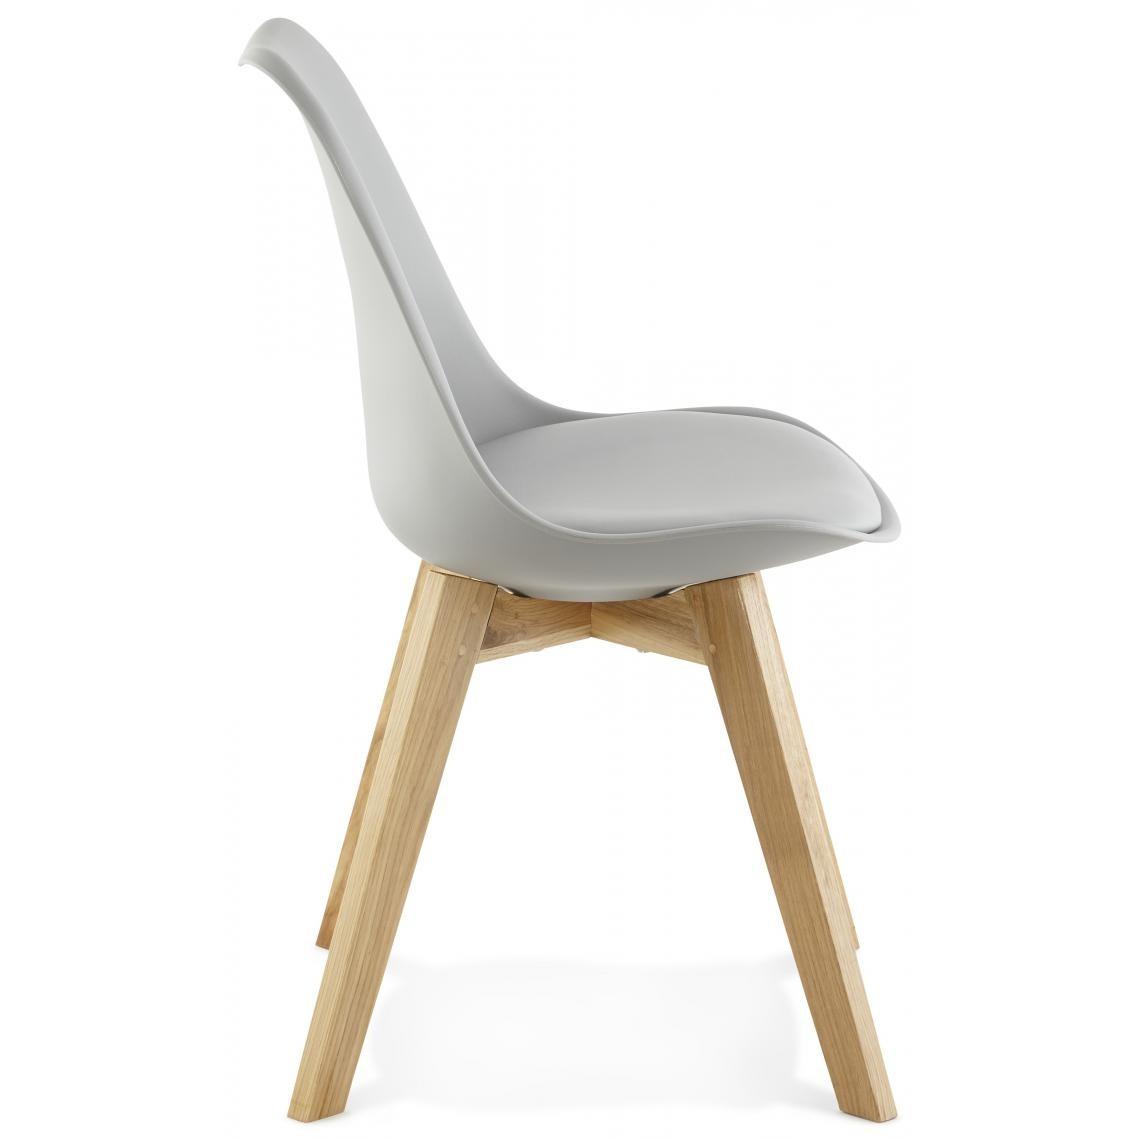 Fauteuil Gris Caral3 Simili Design Suisses En CxdeoBr